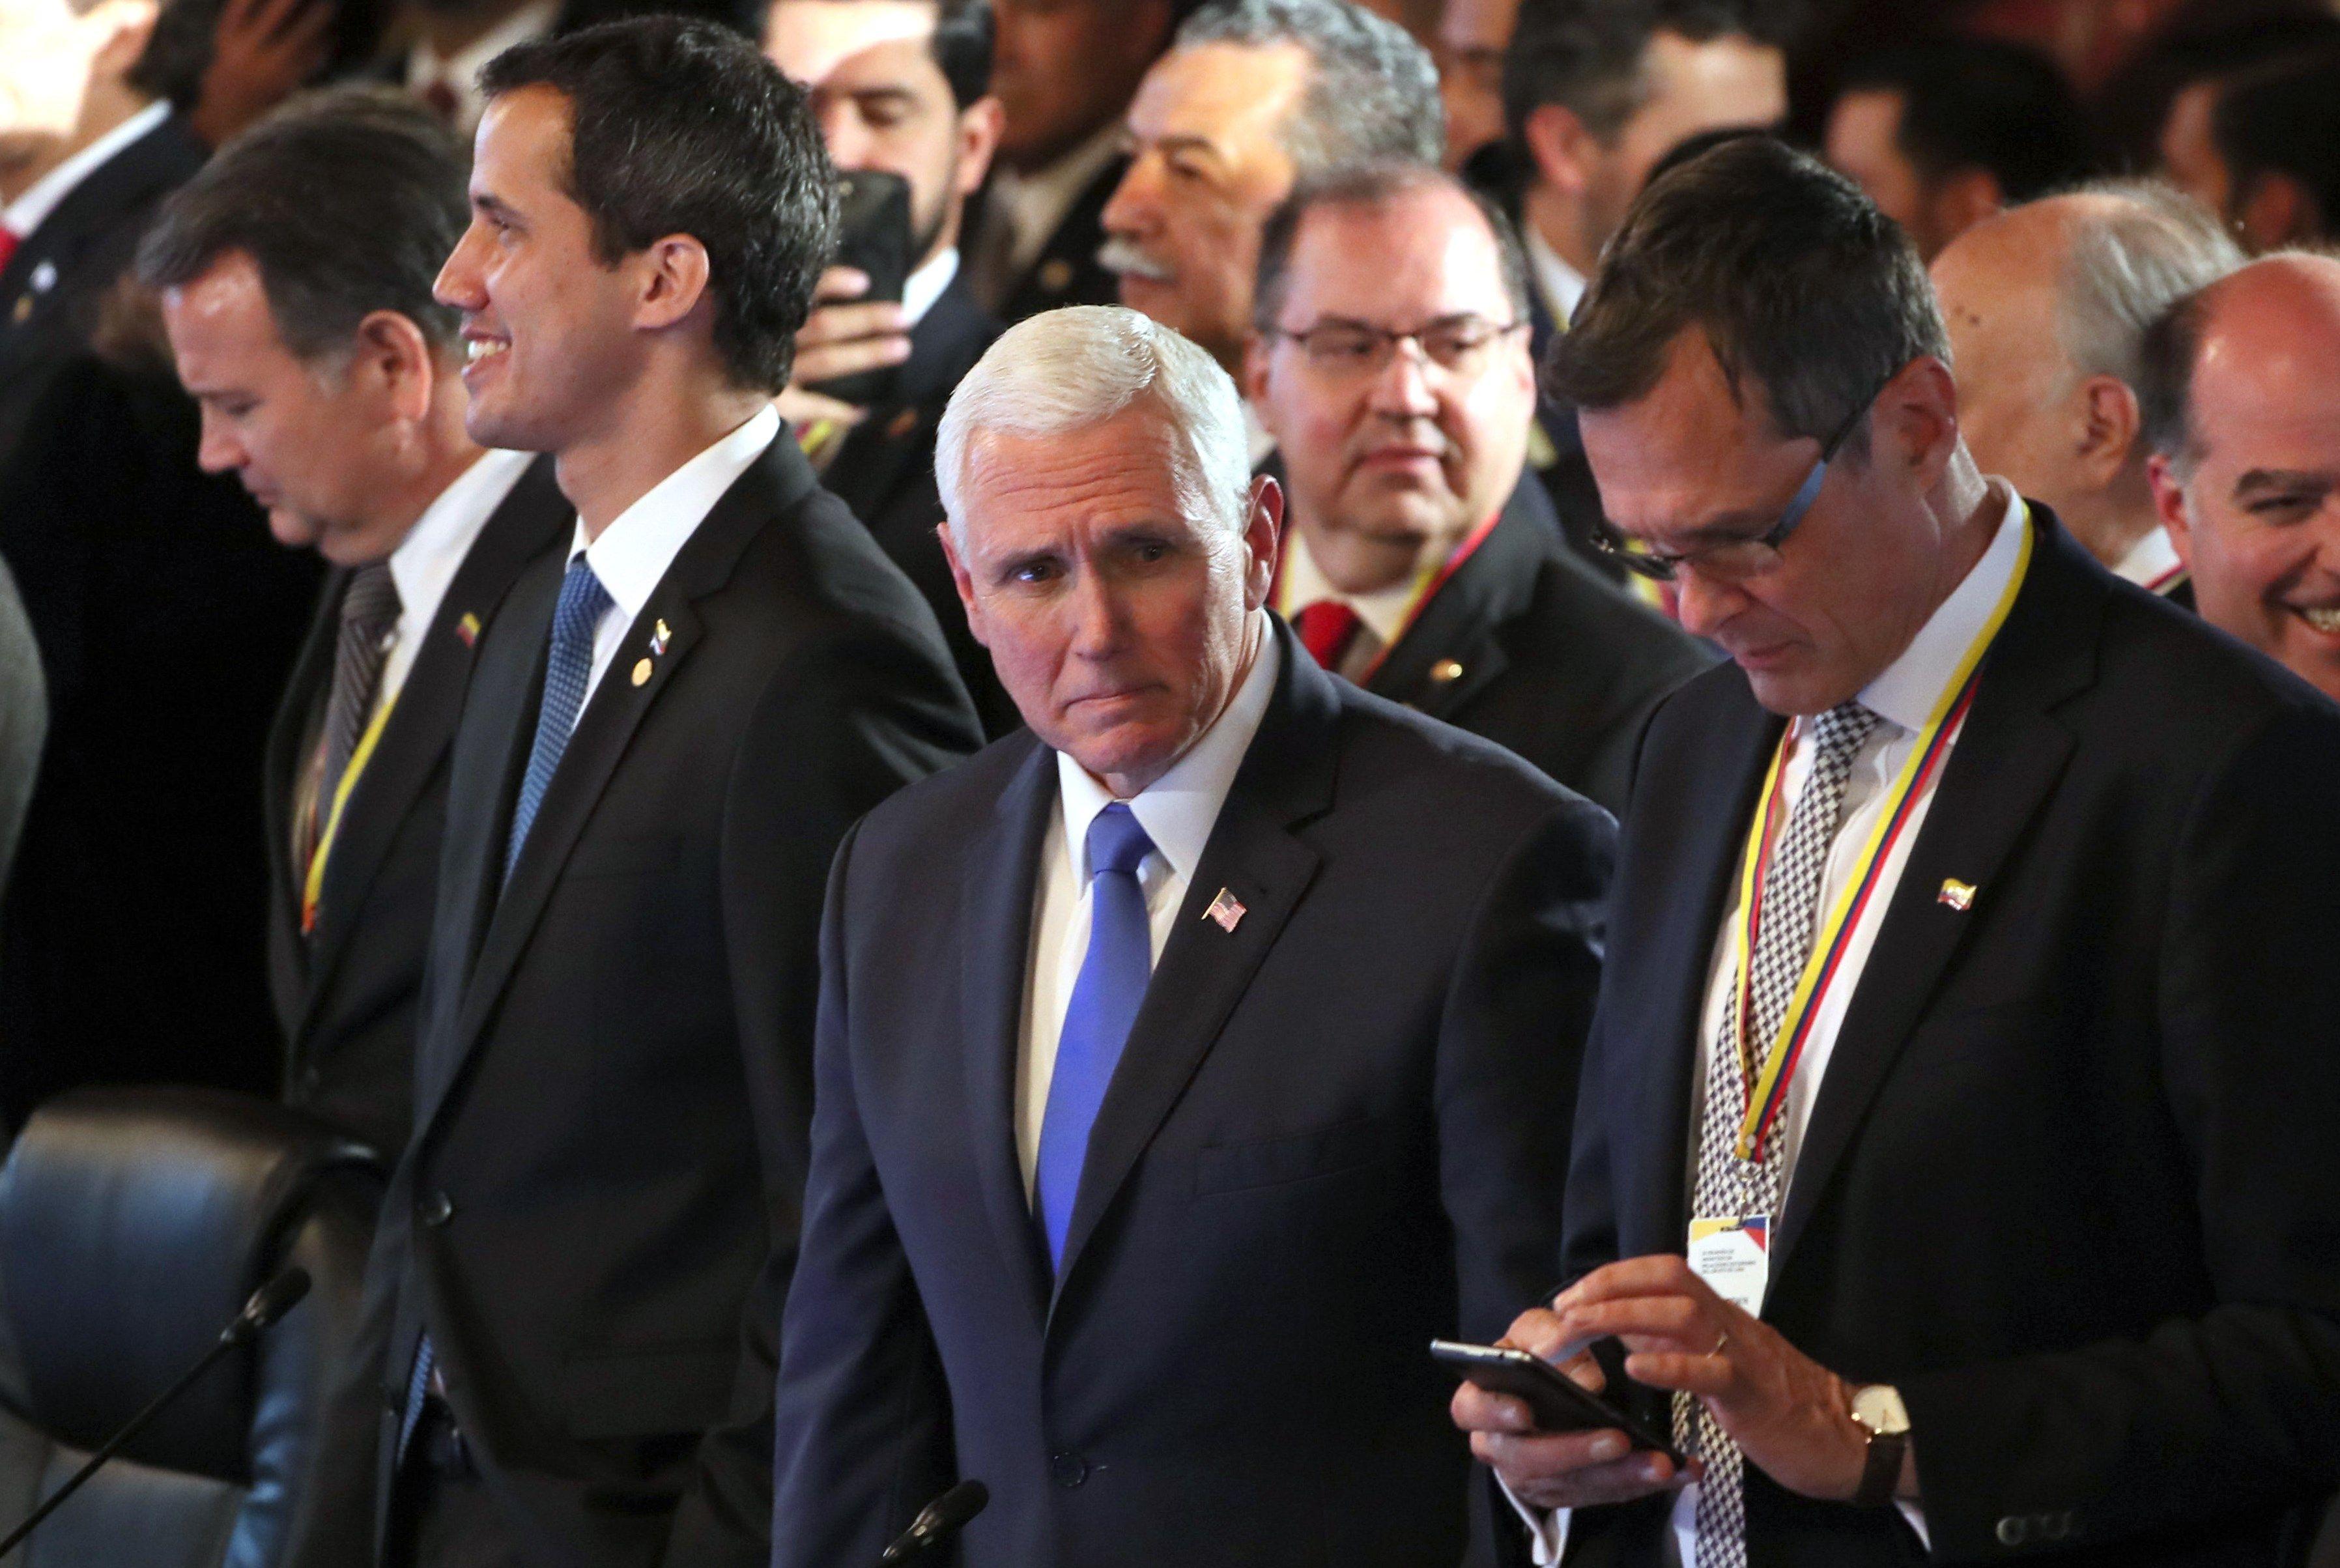 El mandatario interino de Venezuela, Juan Guaidó (i); el vicepresidente de Estados Unidos, Mike Pence (c), y el embajador de Alemania en Colombia, Peter Ptassek (d), participan en el inicio de una reunión como parte de la cumbre del Grupo de Lima. (Foto Prensa Libre: EFE)